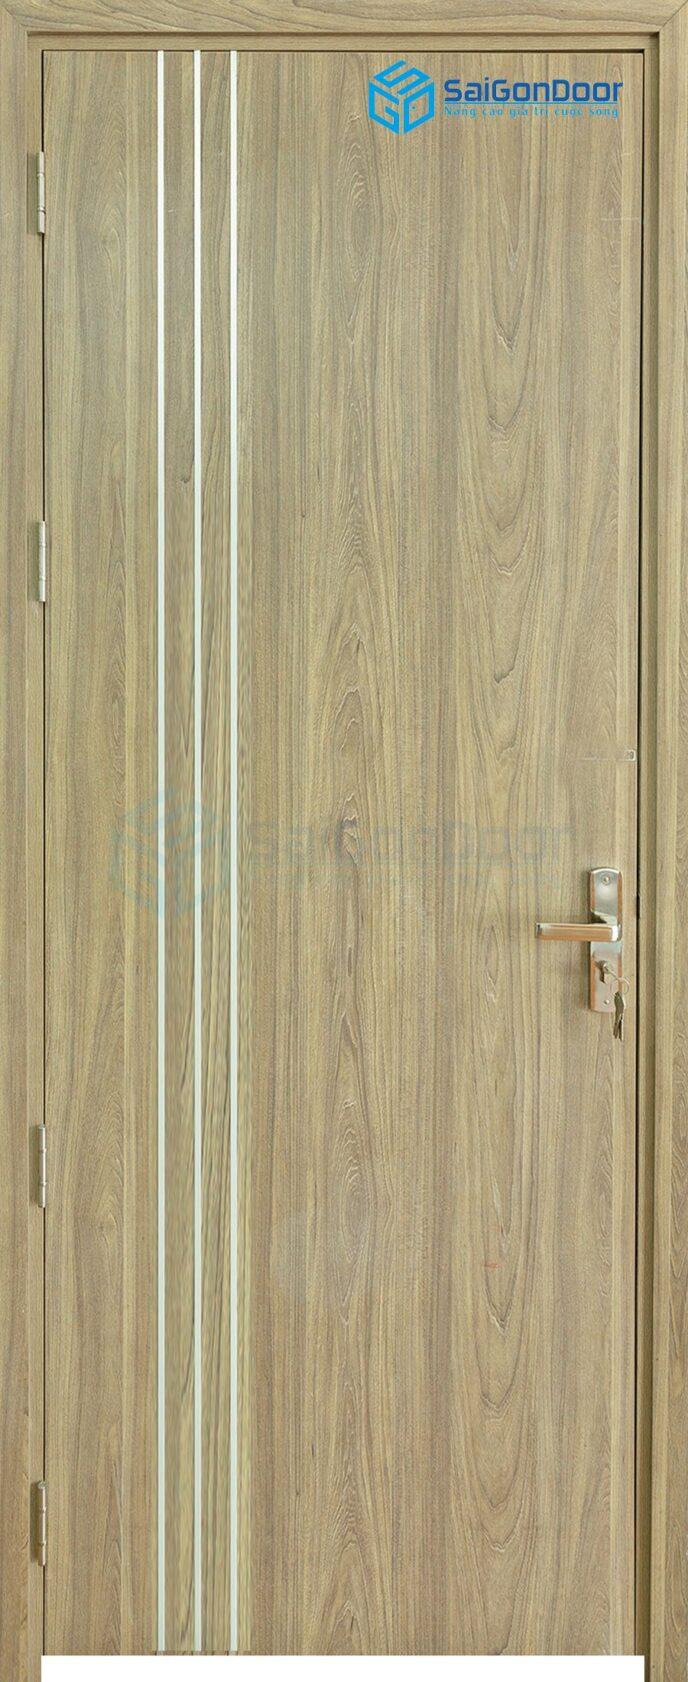 Cửa gỗ cao cấp Hàn Quốc P1R3 2302